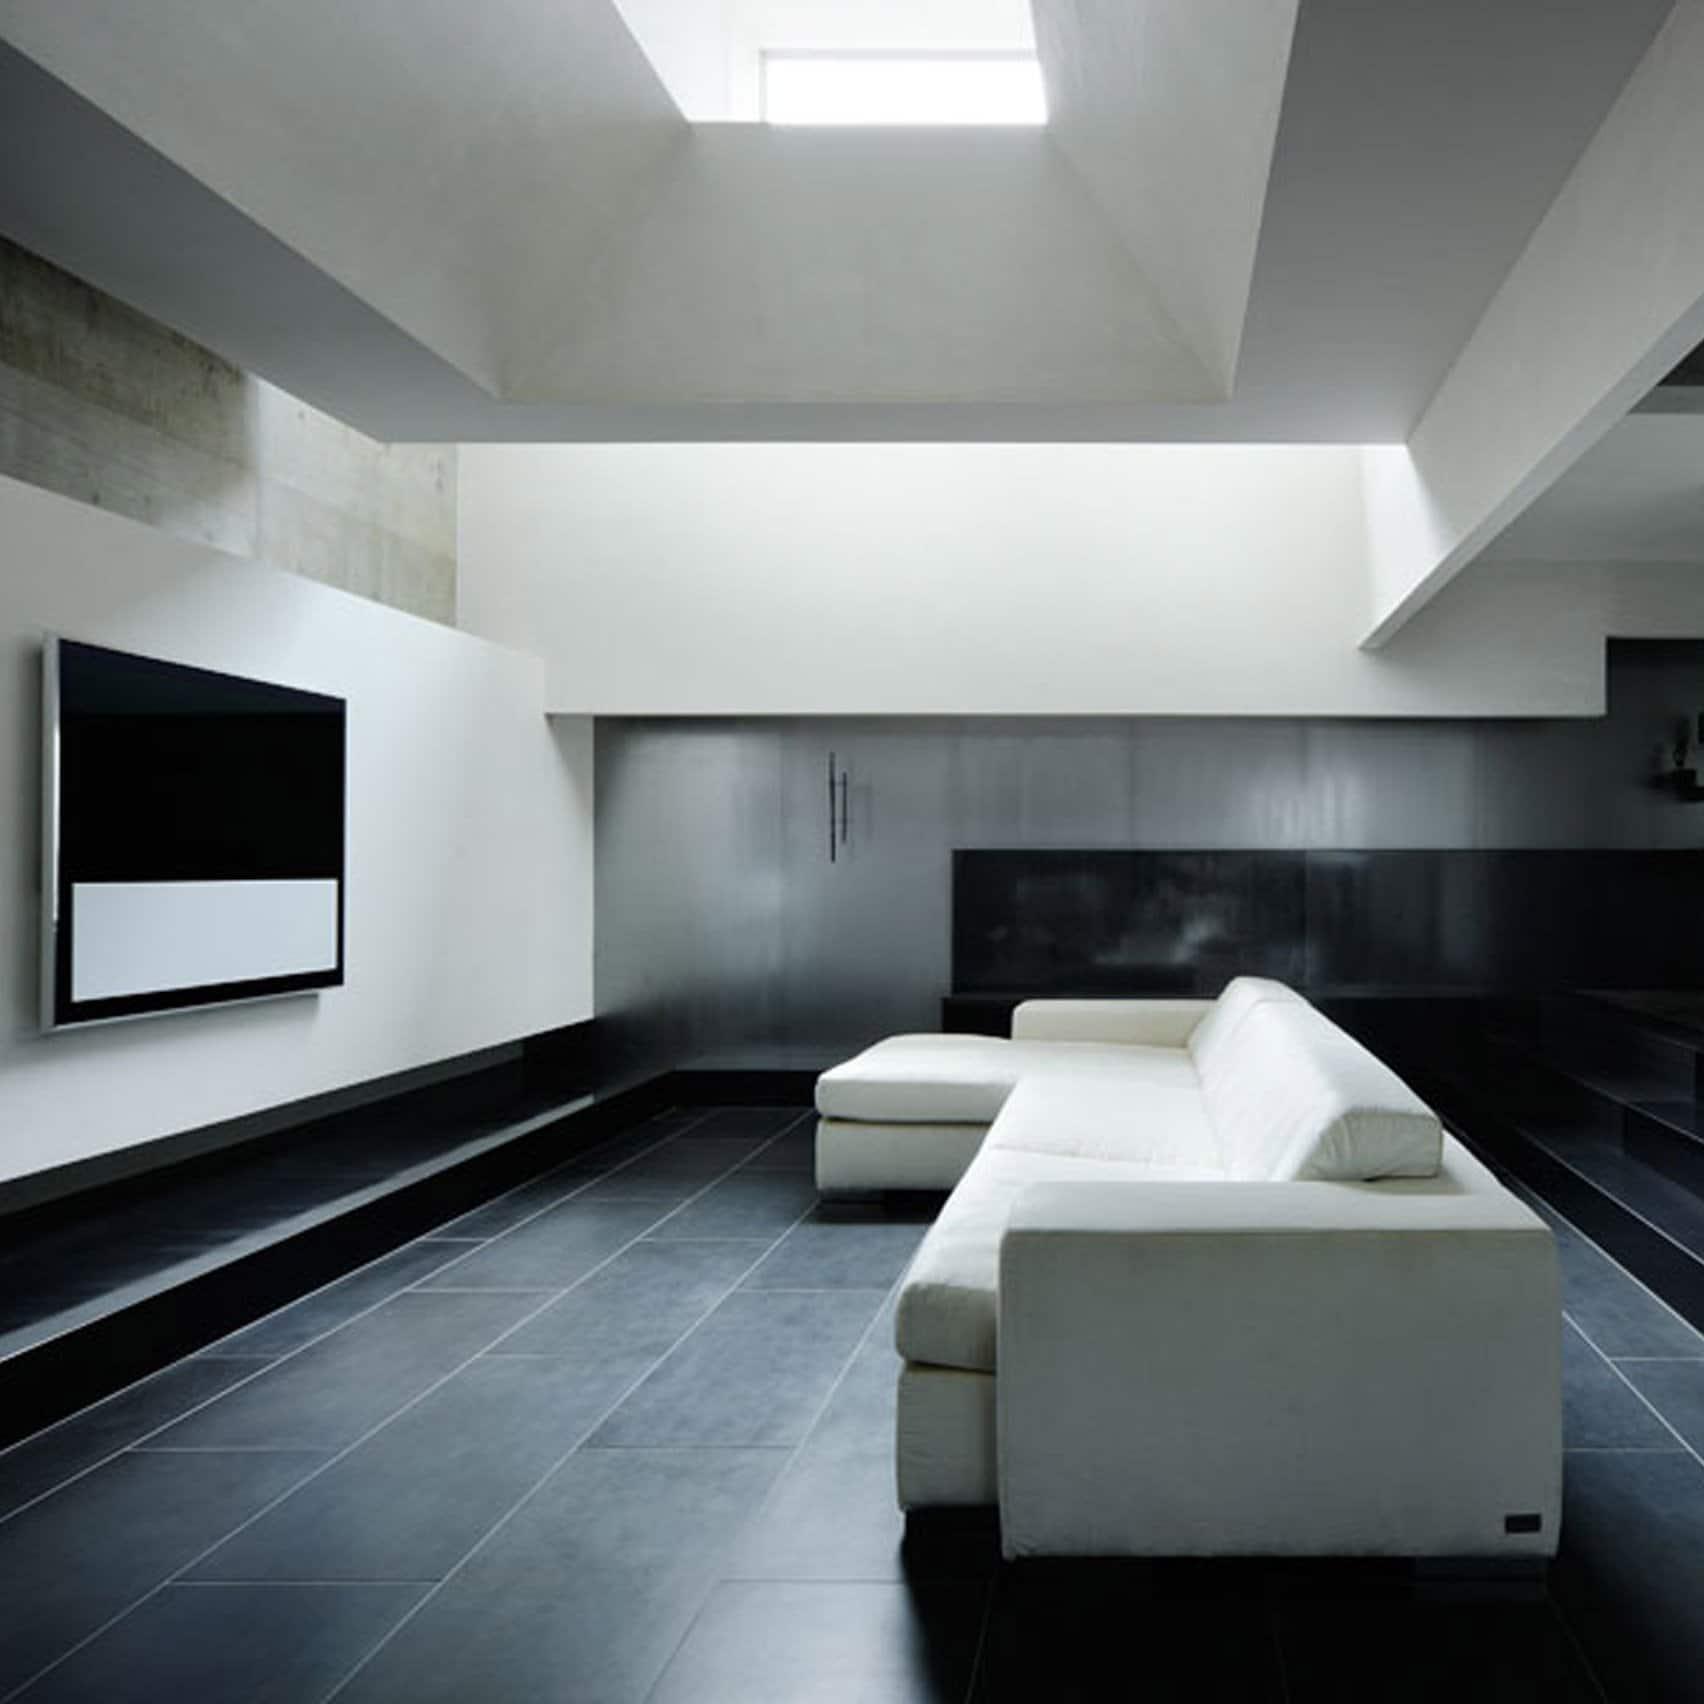 dezeen kouichi kimura architects